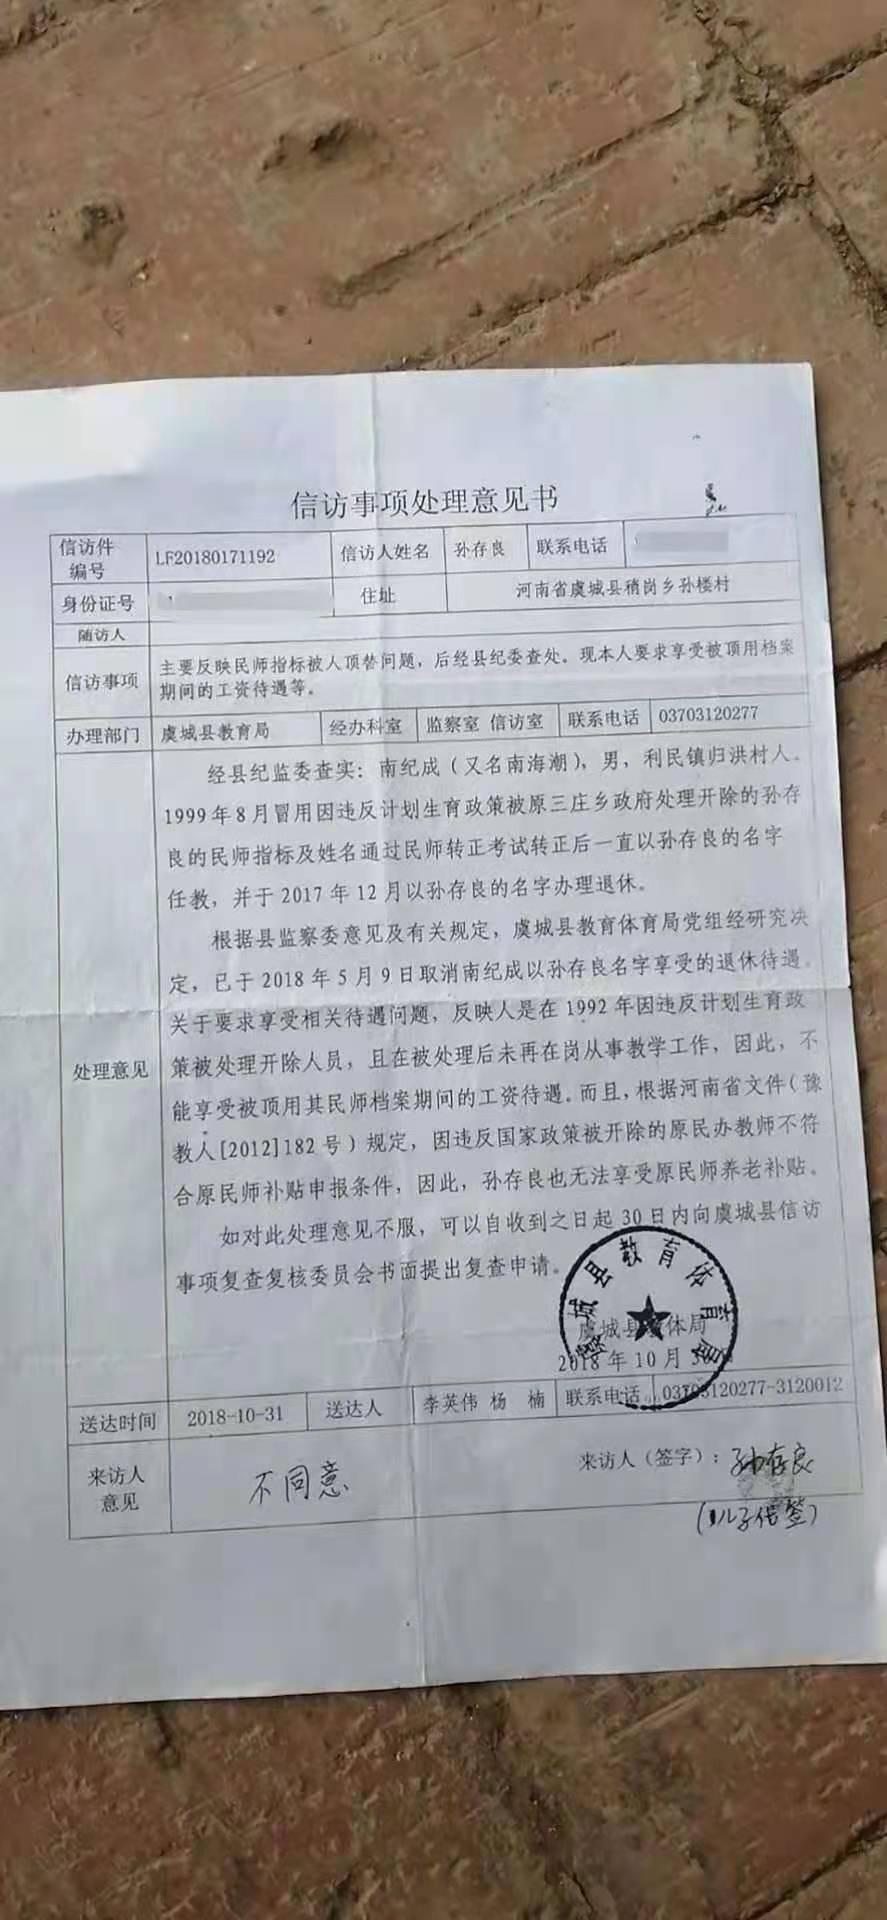 """2018年10月,孙艳收在《信访处理意见书》上签下""""不同意""""。 受访者供图"""